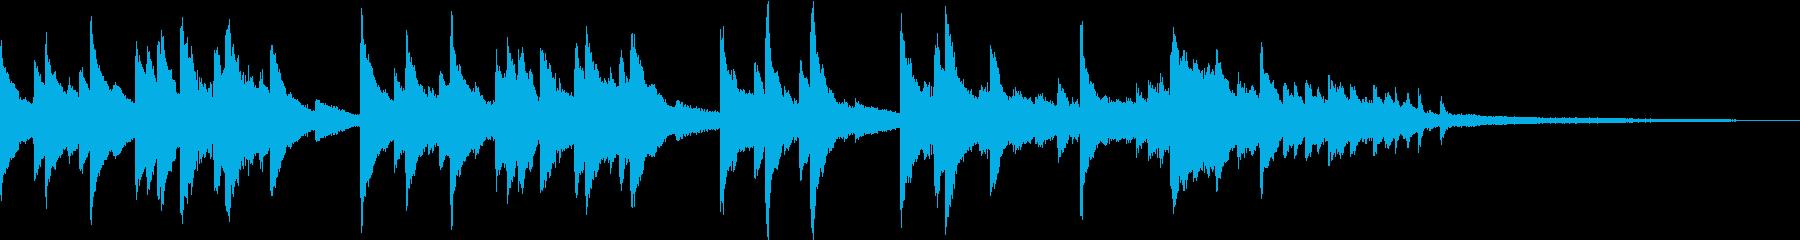 ピアノの旋律が印象的なBGMの再生済みの波形